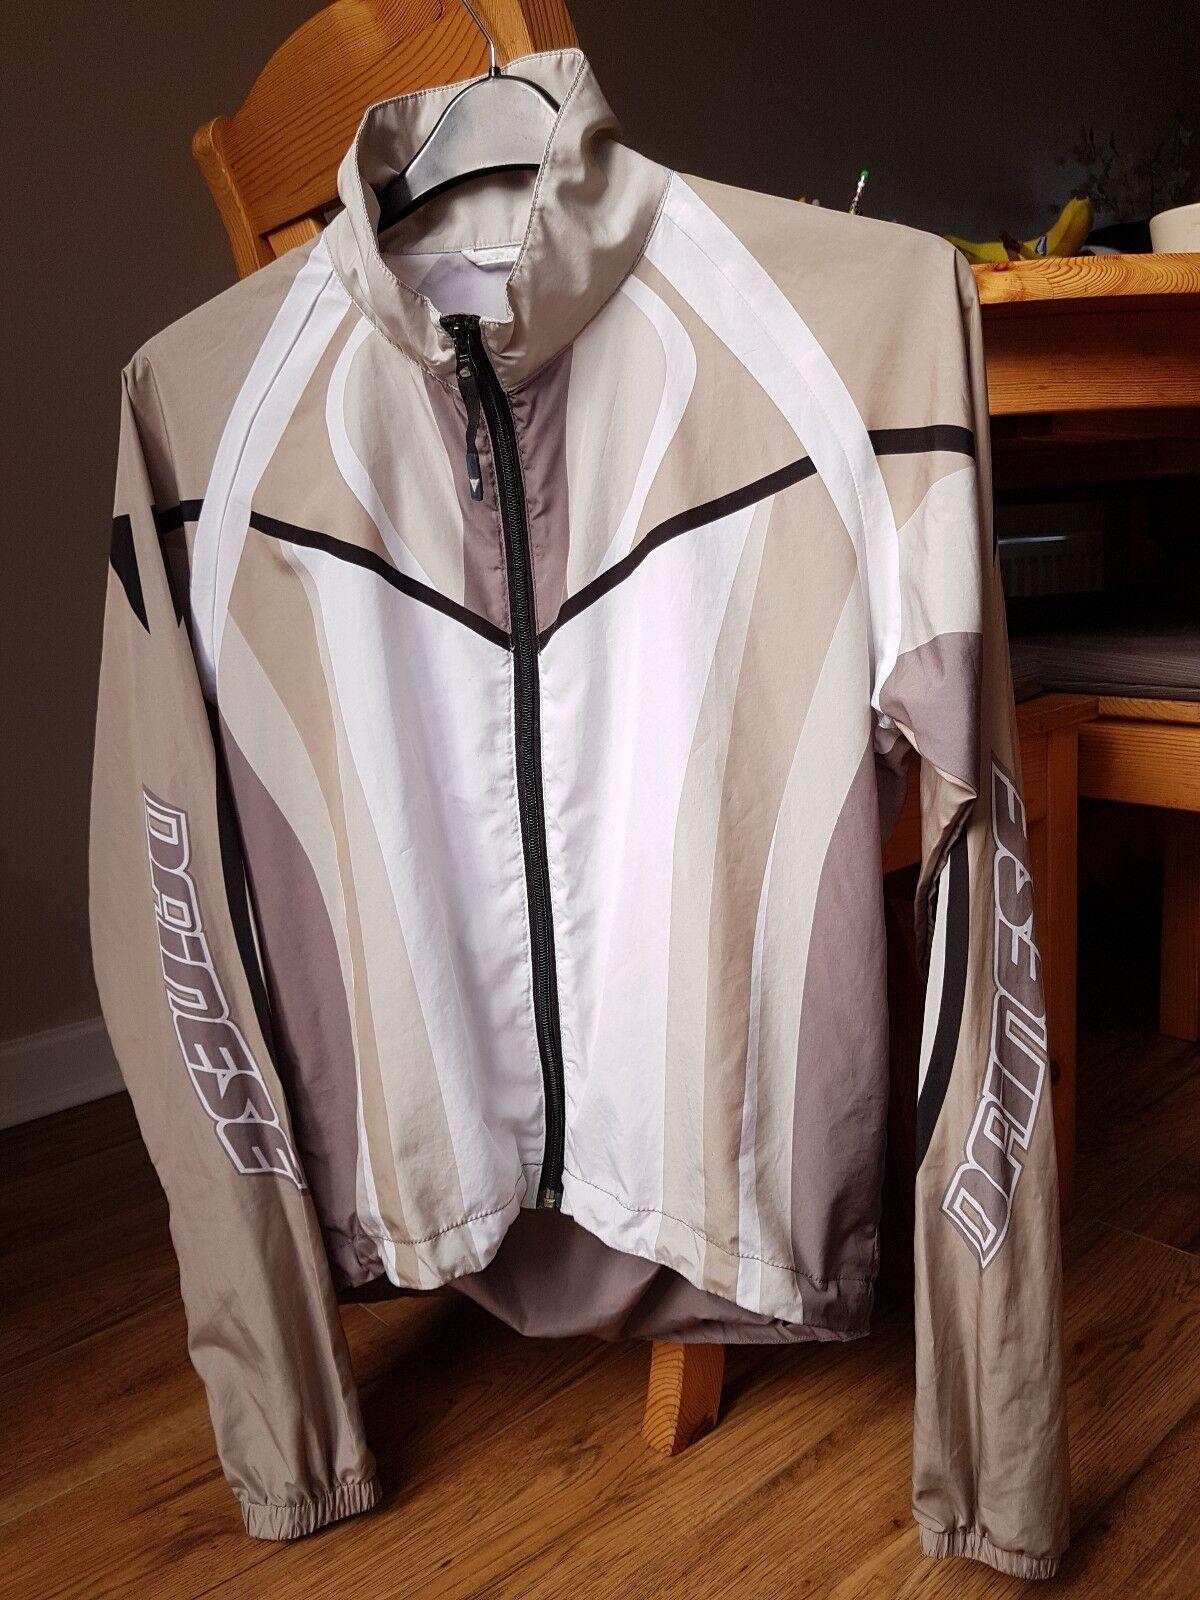 Dainese Ultra Ligero (185g) Para Hombre Chaqueta De Viento Ciclismo.  S  barato y de alta calidad